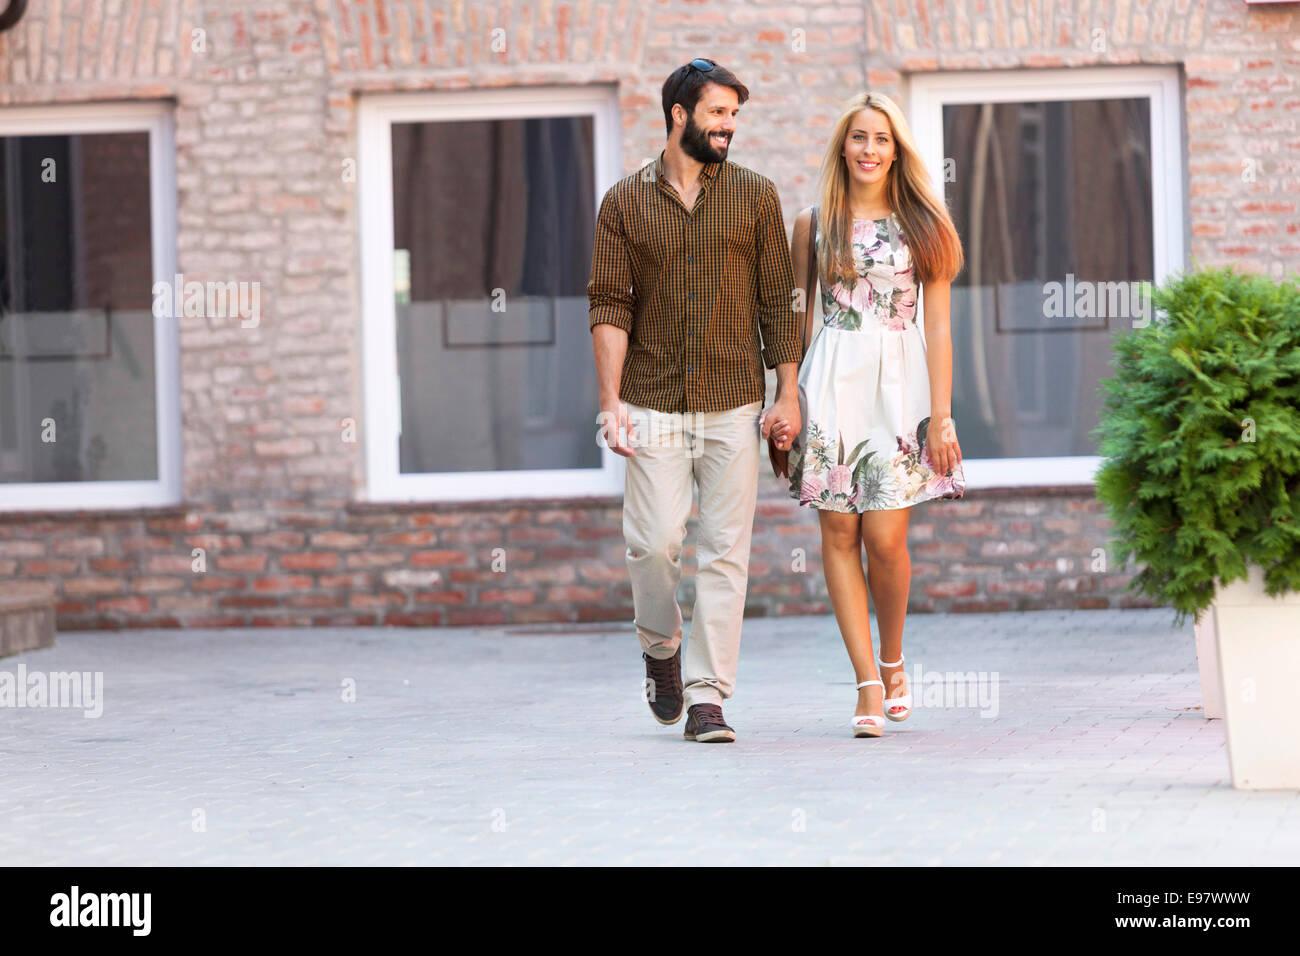 Feliz pareja joven toma un paseo tomados de las manos Imagen De Stock